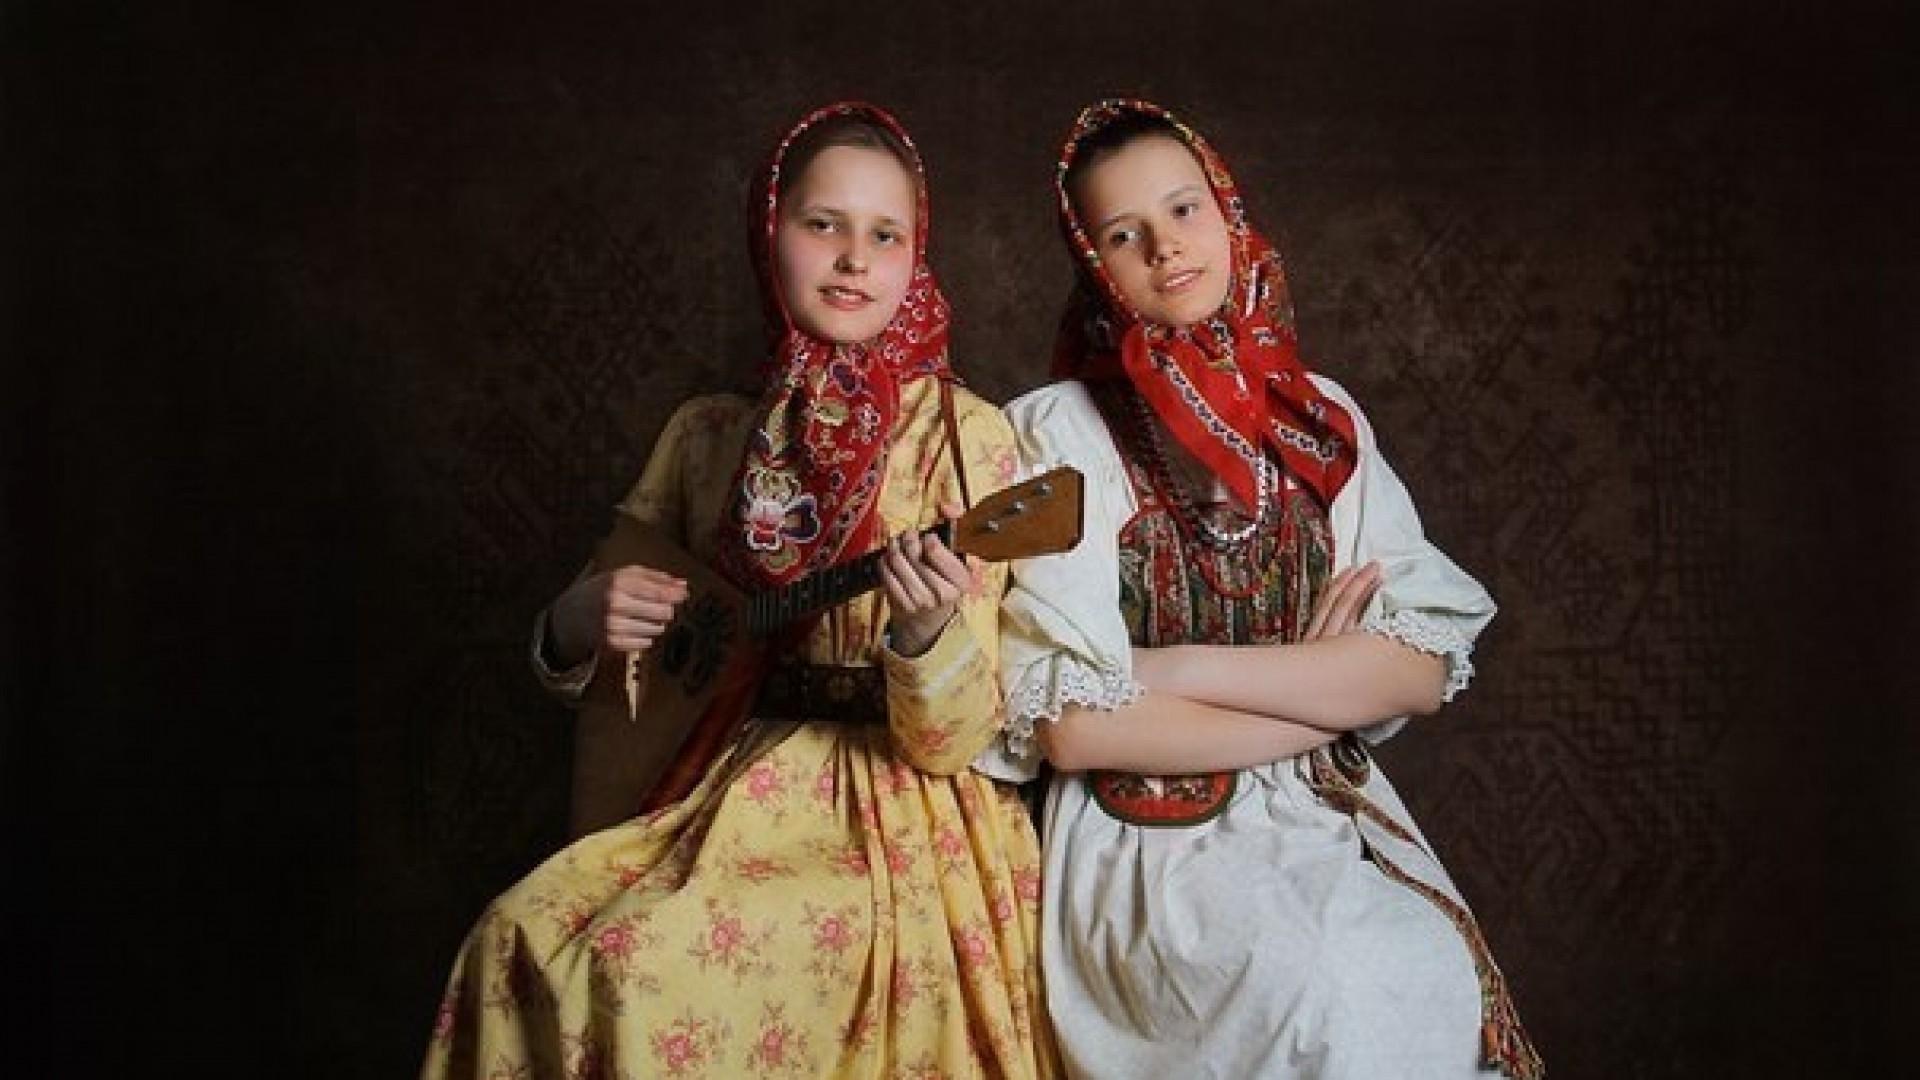 Фотограф Татьяна Ермакова: «Новосибирск – фольклорная столица Сибири»